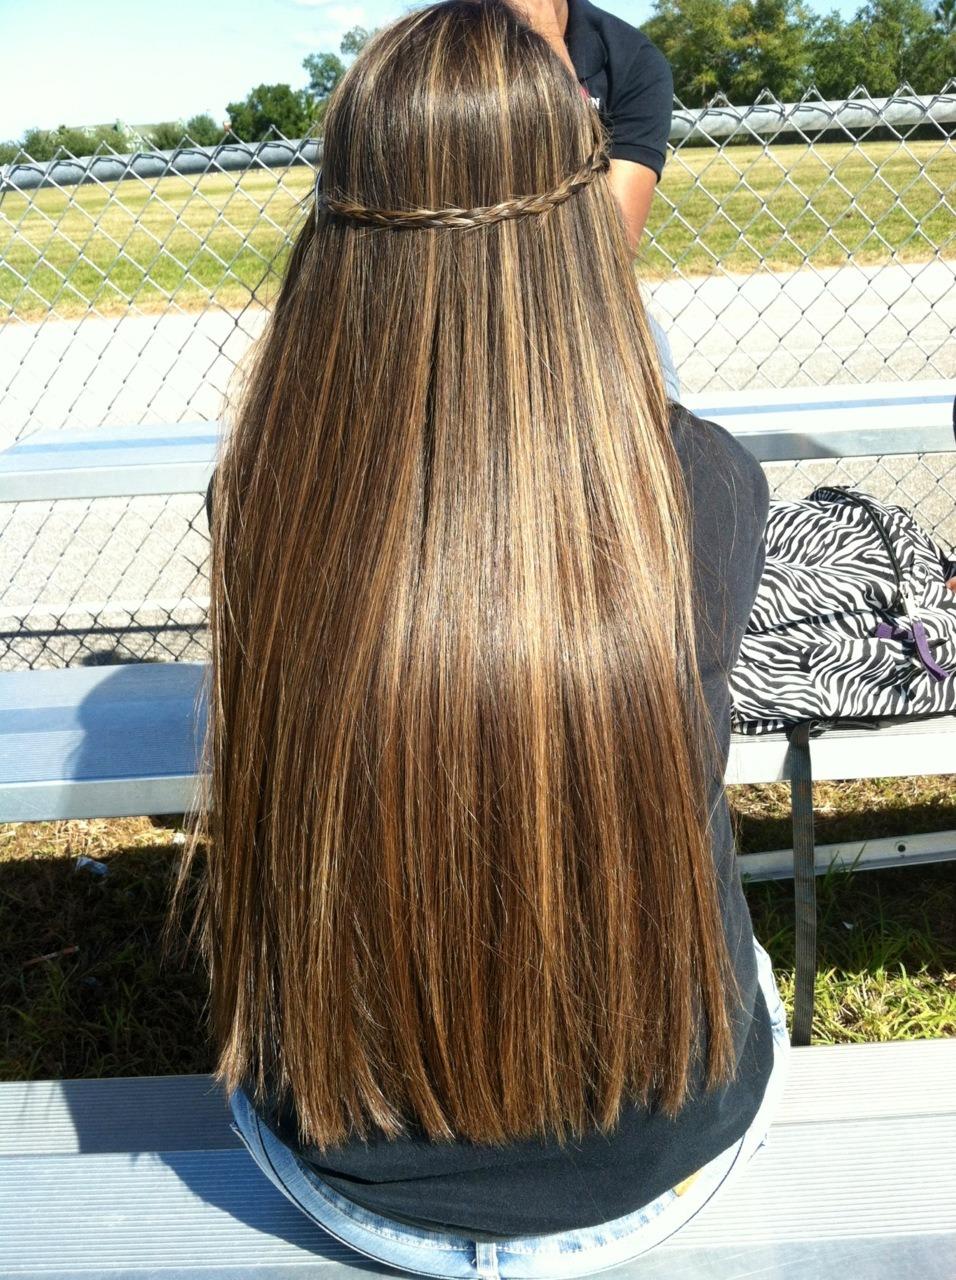 Фото девушек с красивыми мелированными волосами 10 фотография